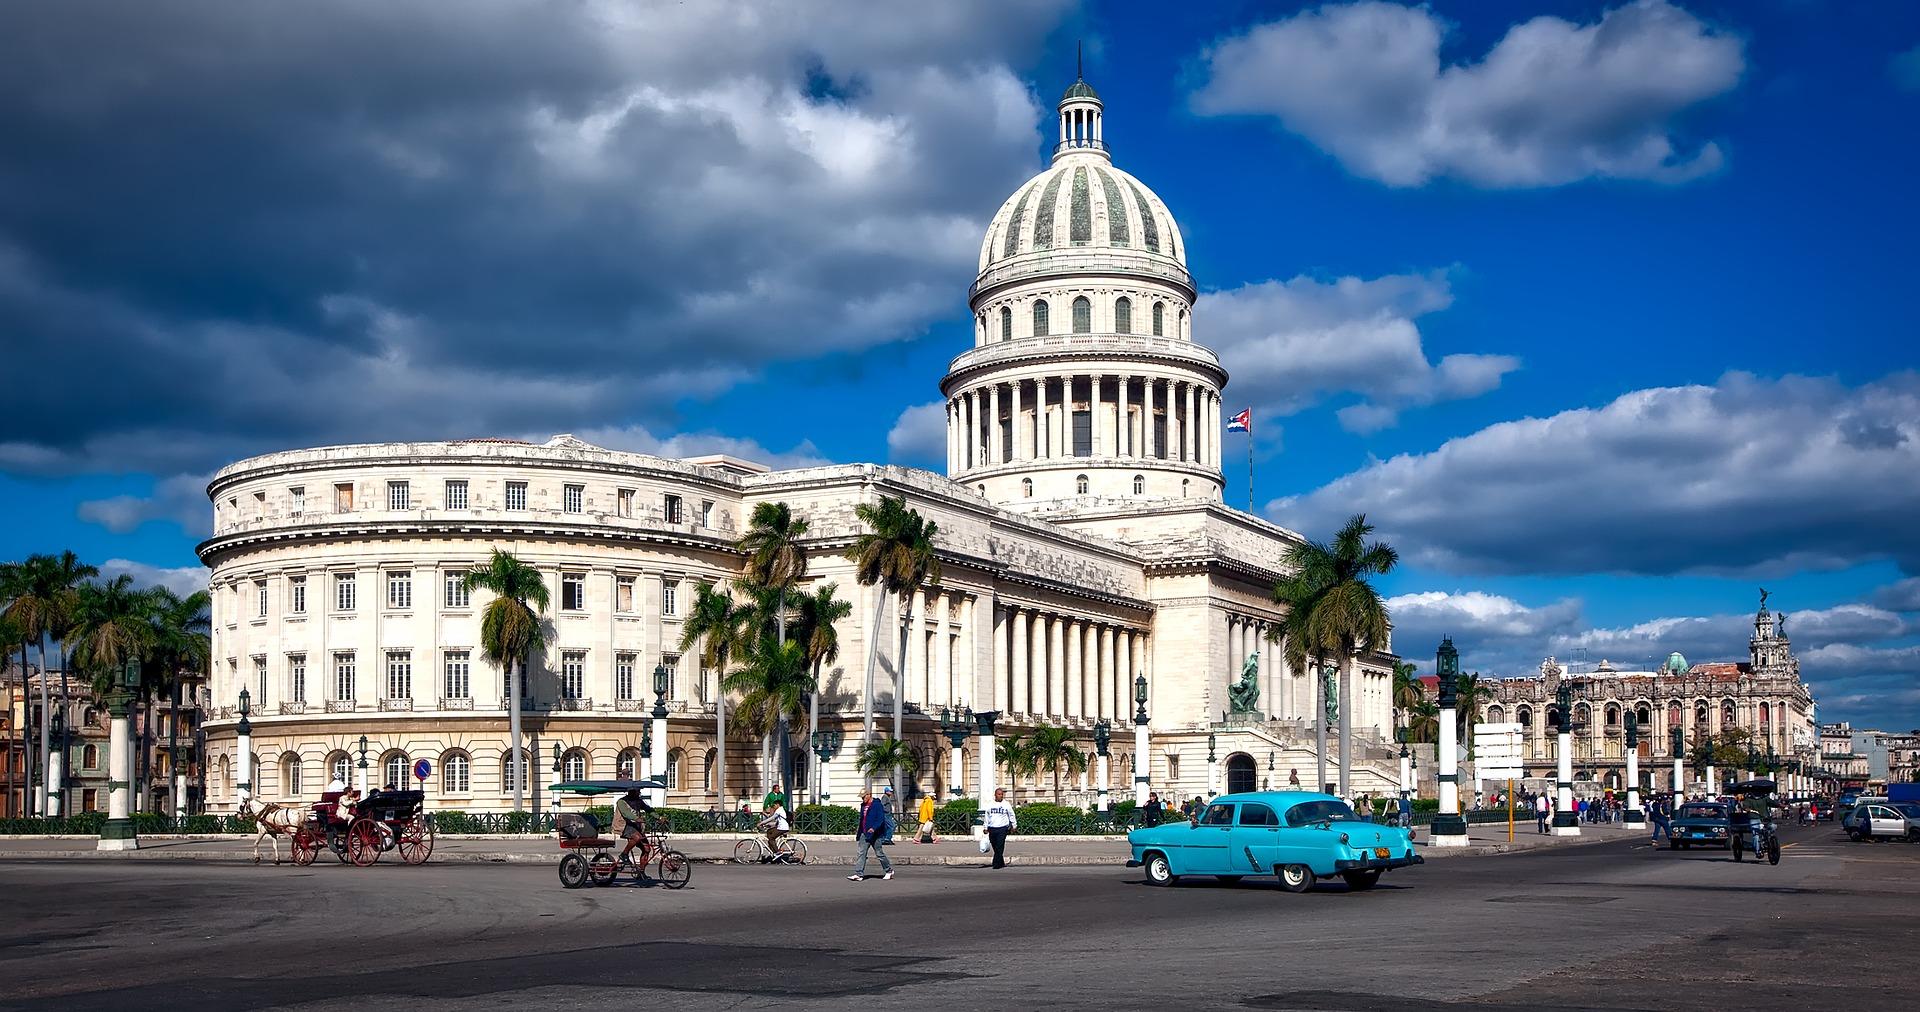 La Habana coliseo